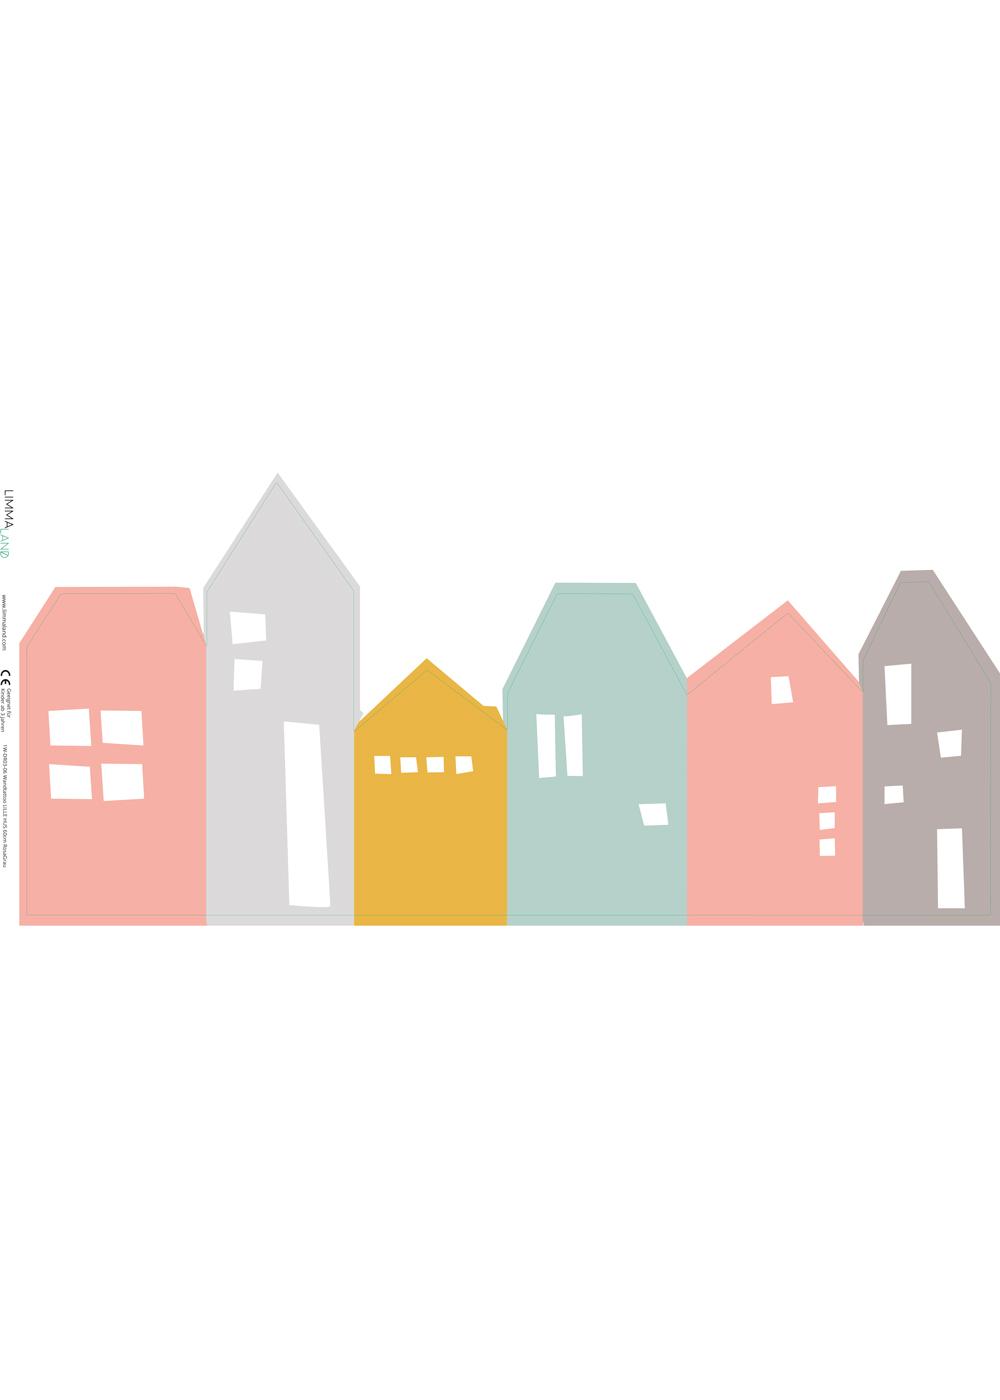 Ikea Malmbäck Bilderleiste Lille Hus rosa hellgrau Druckvorlage